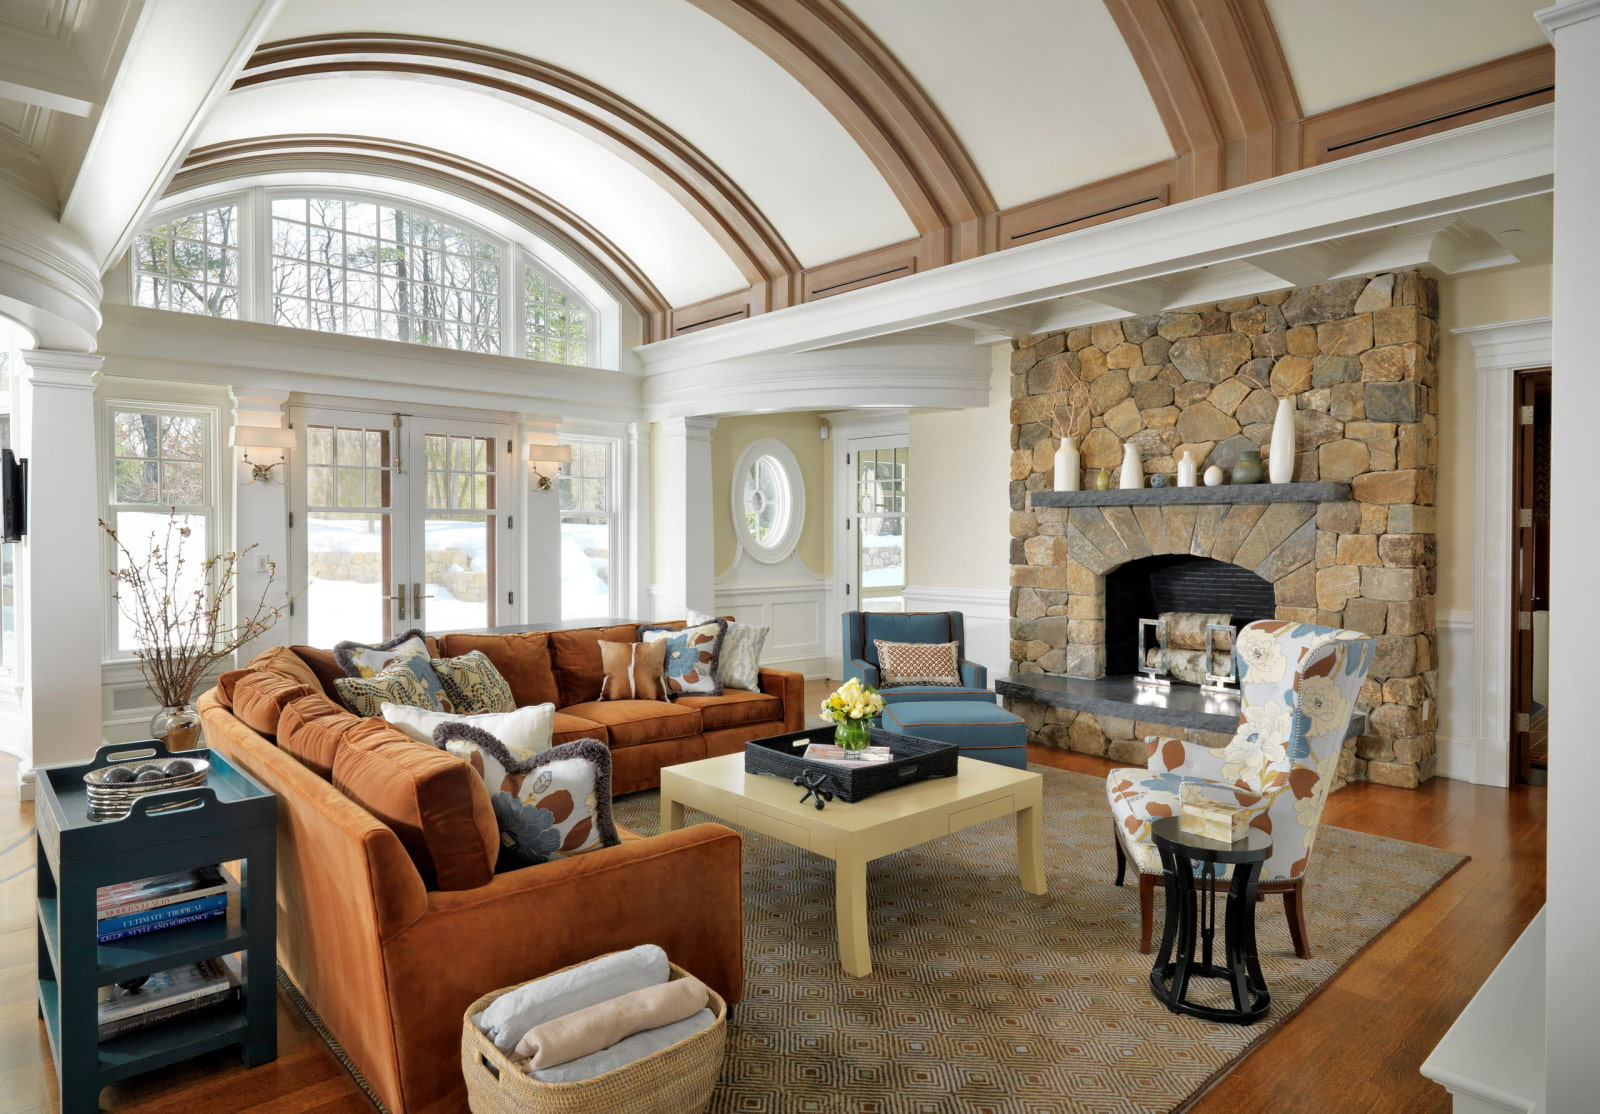 потолок в виде арки, как рассчитать площадь